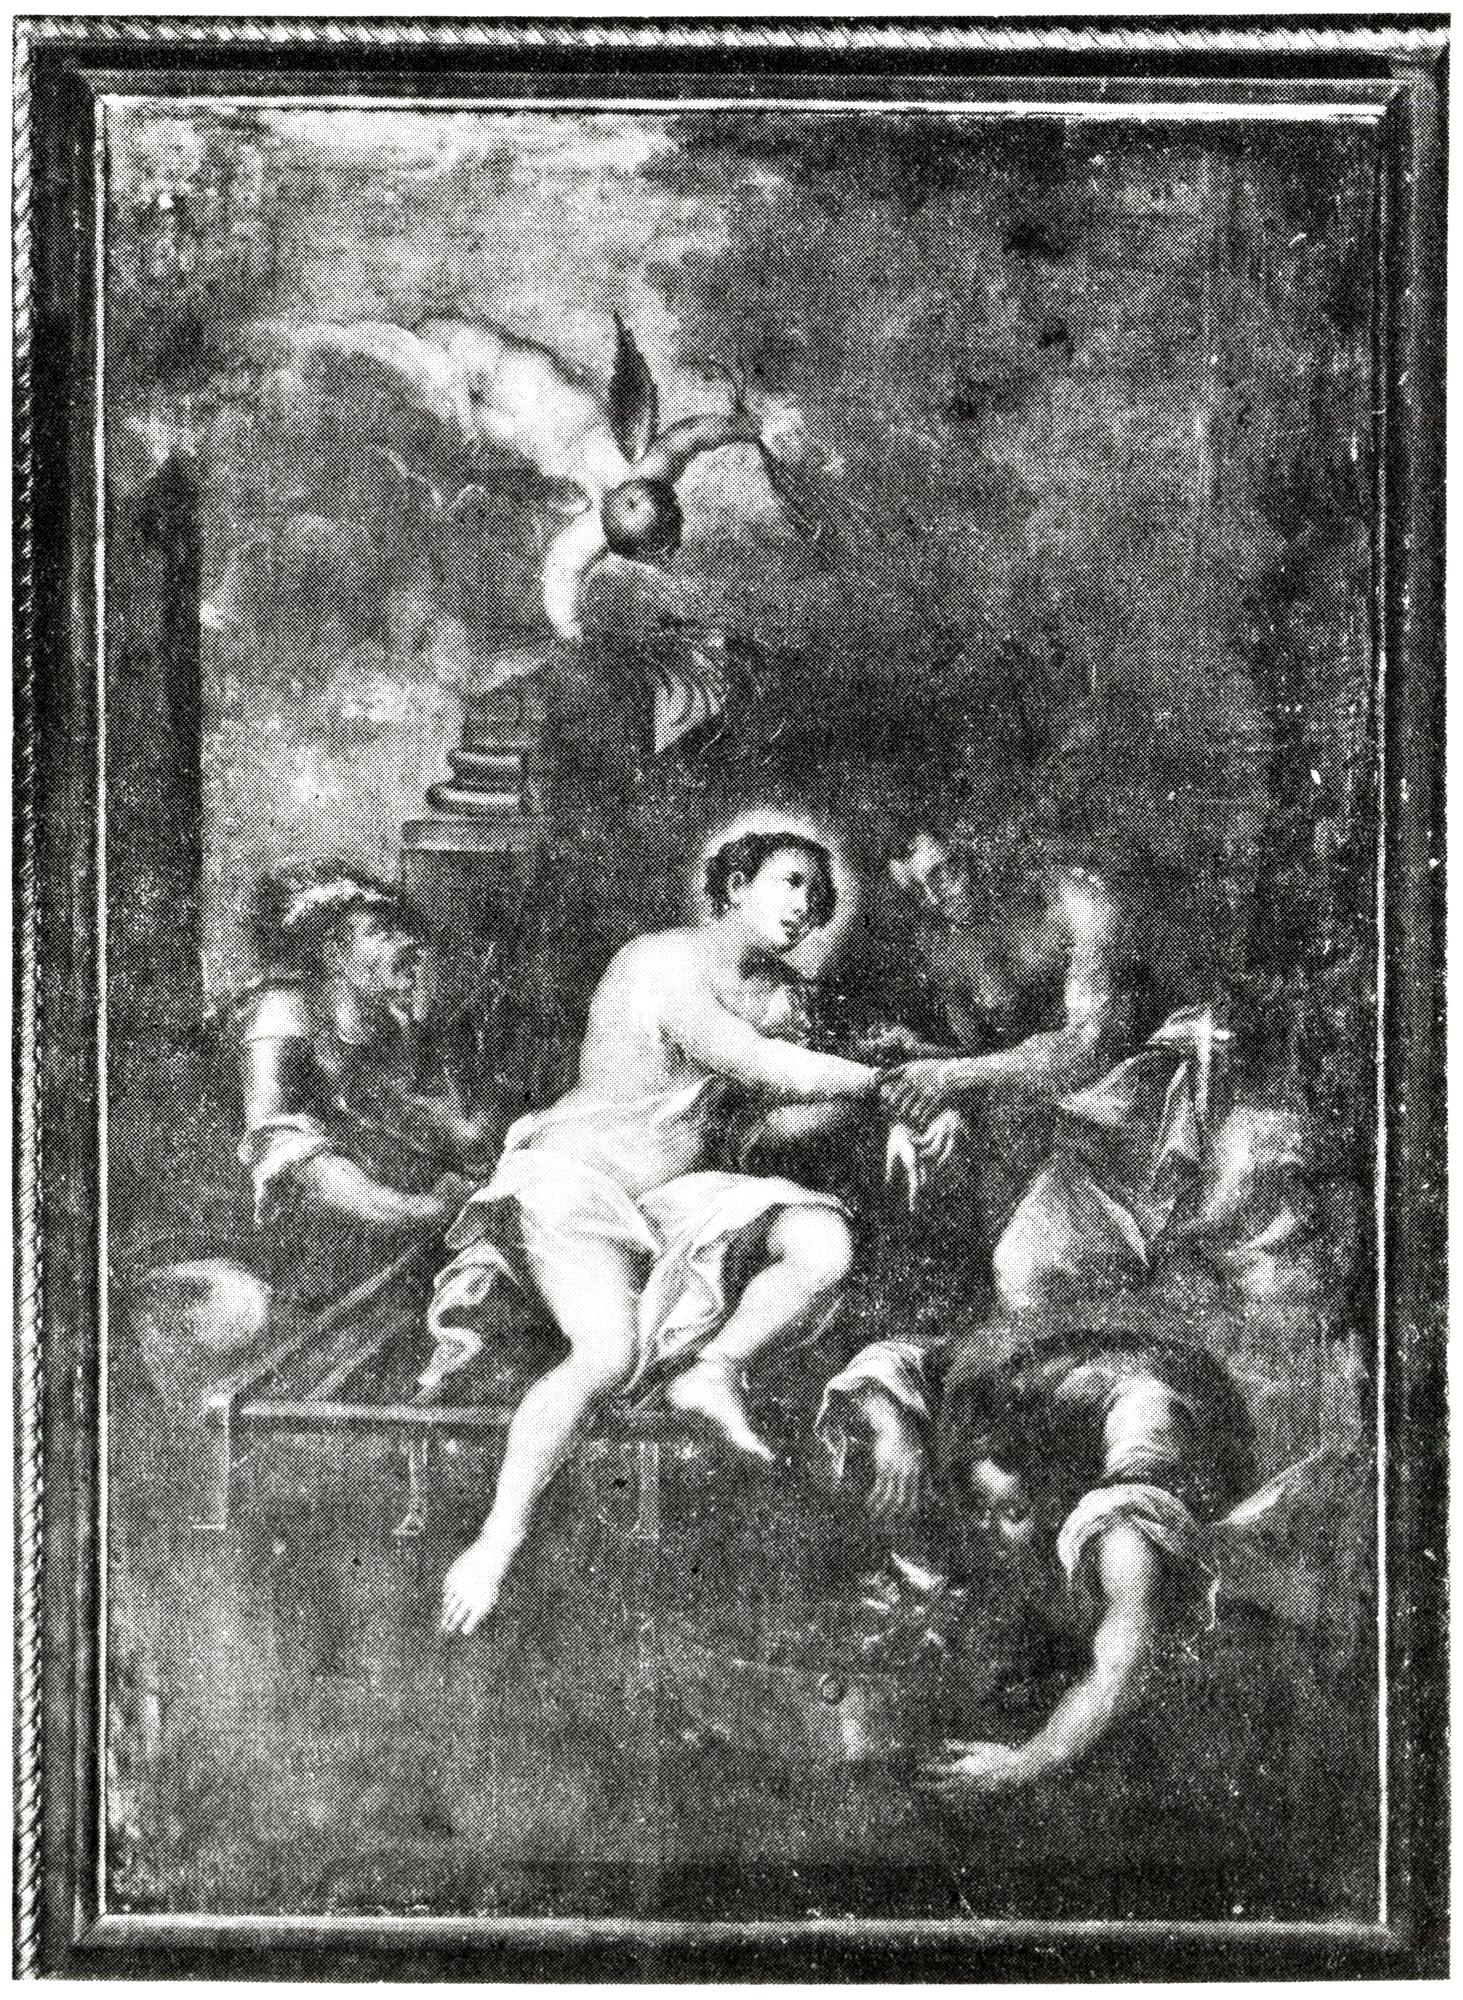 Il martirio di S. Lorenzo, vecchia chiesa di S. Giacomo, Battaglia Terme.